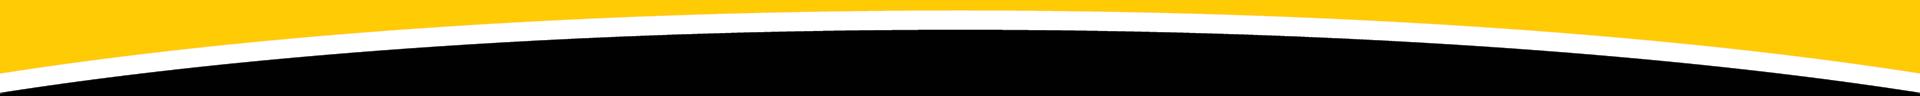 Barra-amarela2